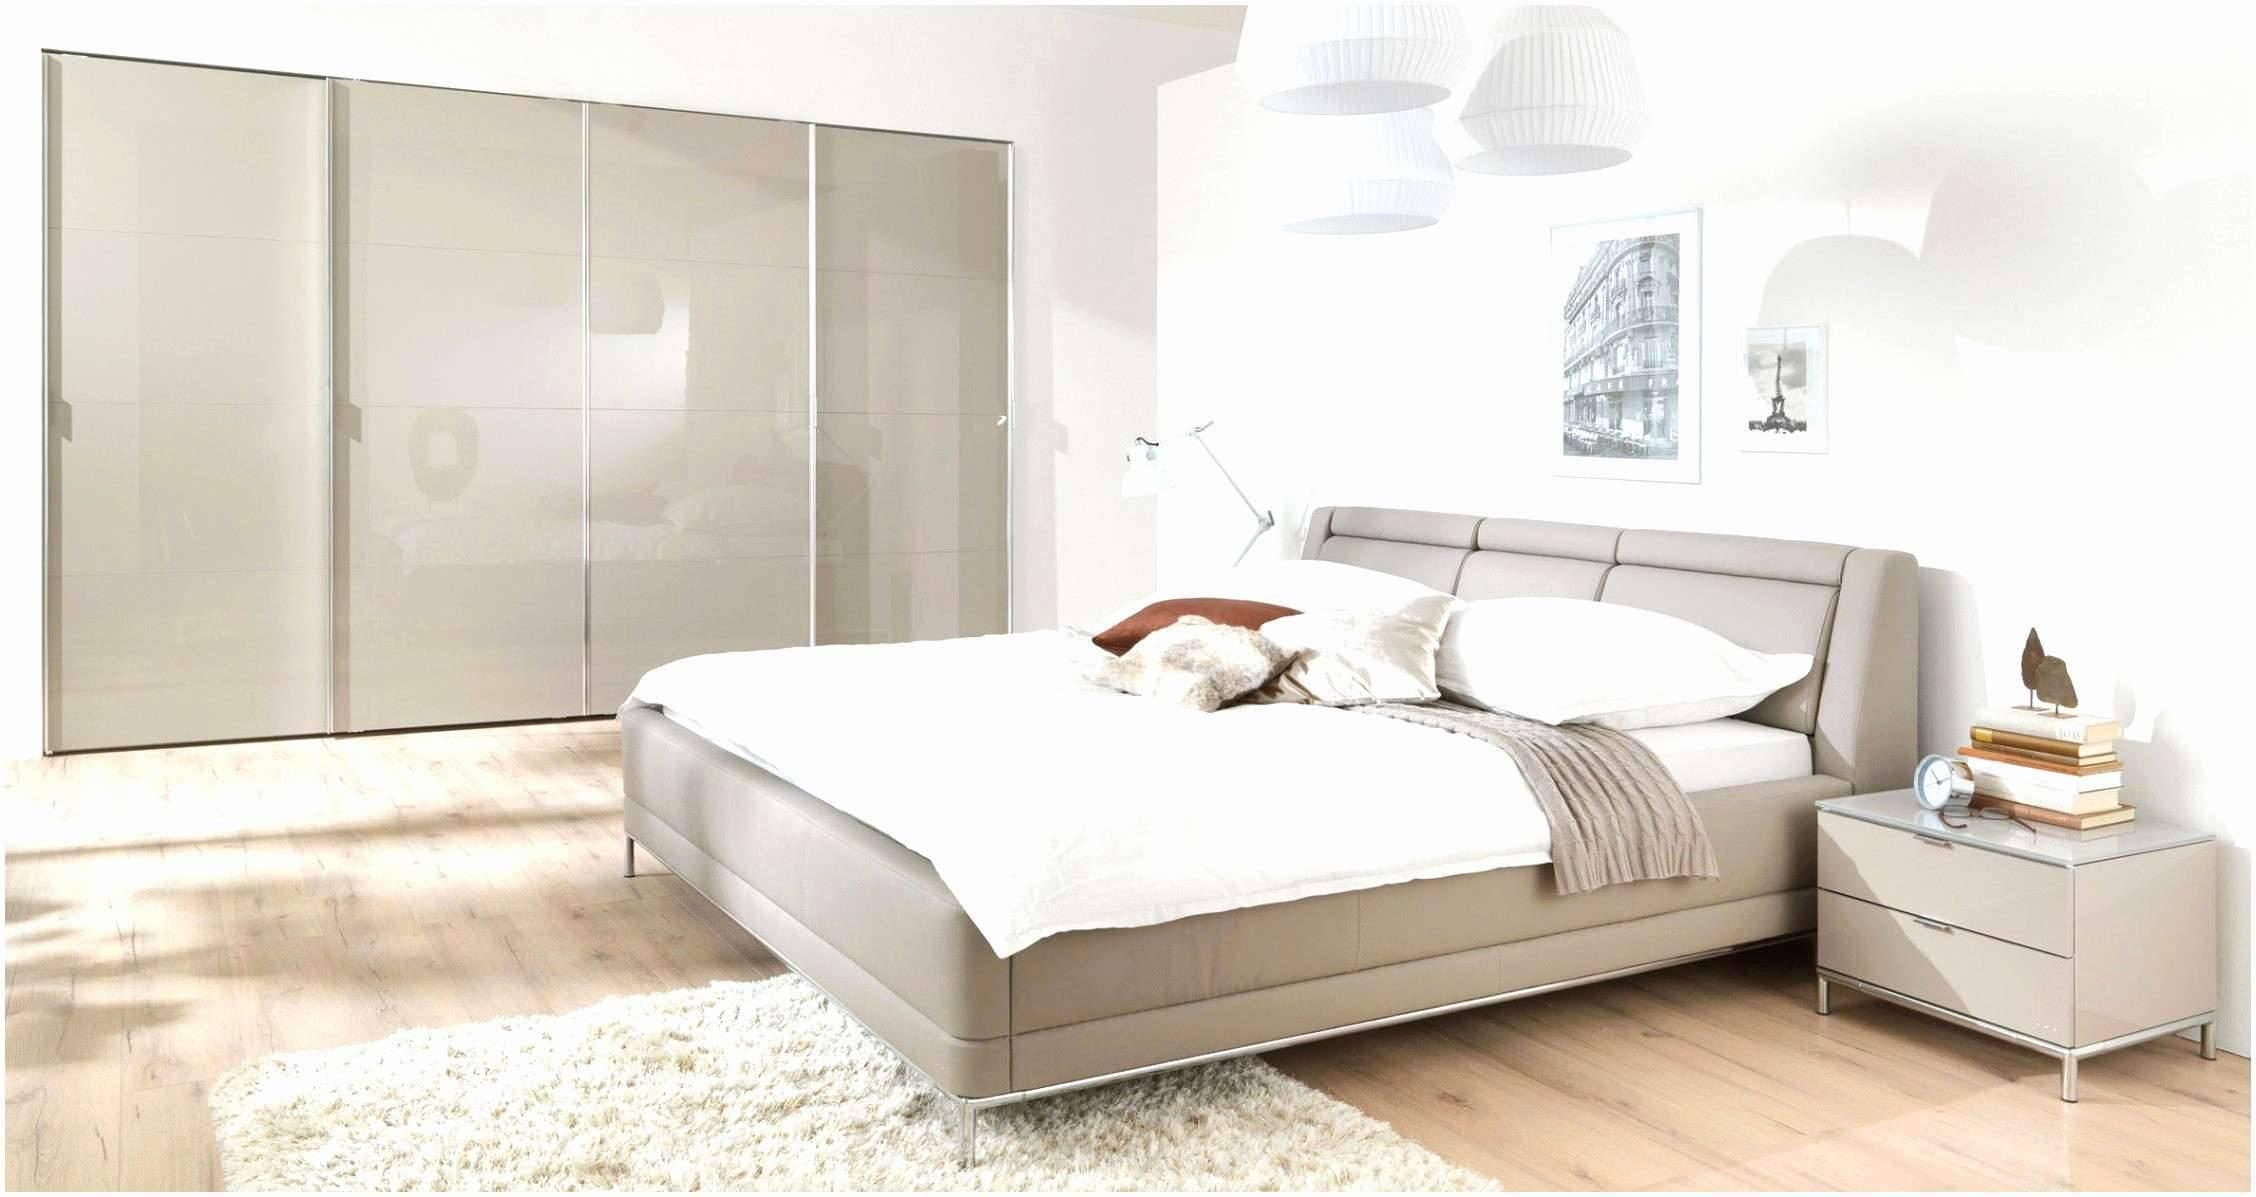 deko wohnzimmer selber machen elegant wohnzimmer deko januar neu of deko wohnzimmer selber machen